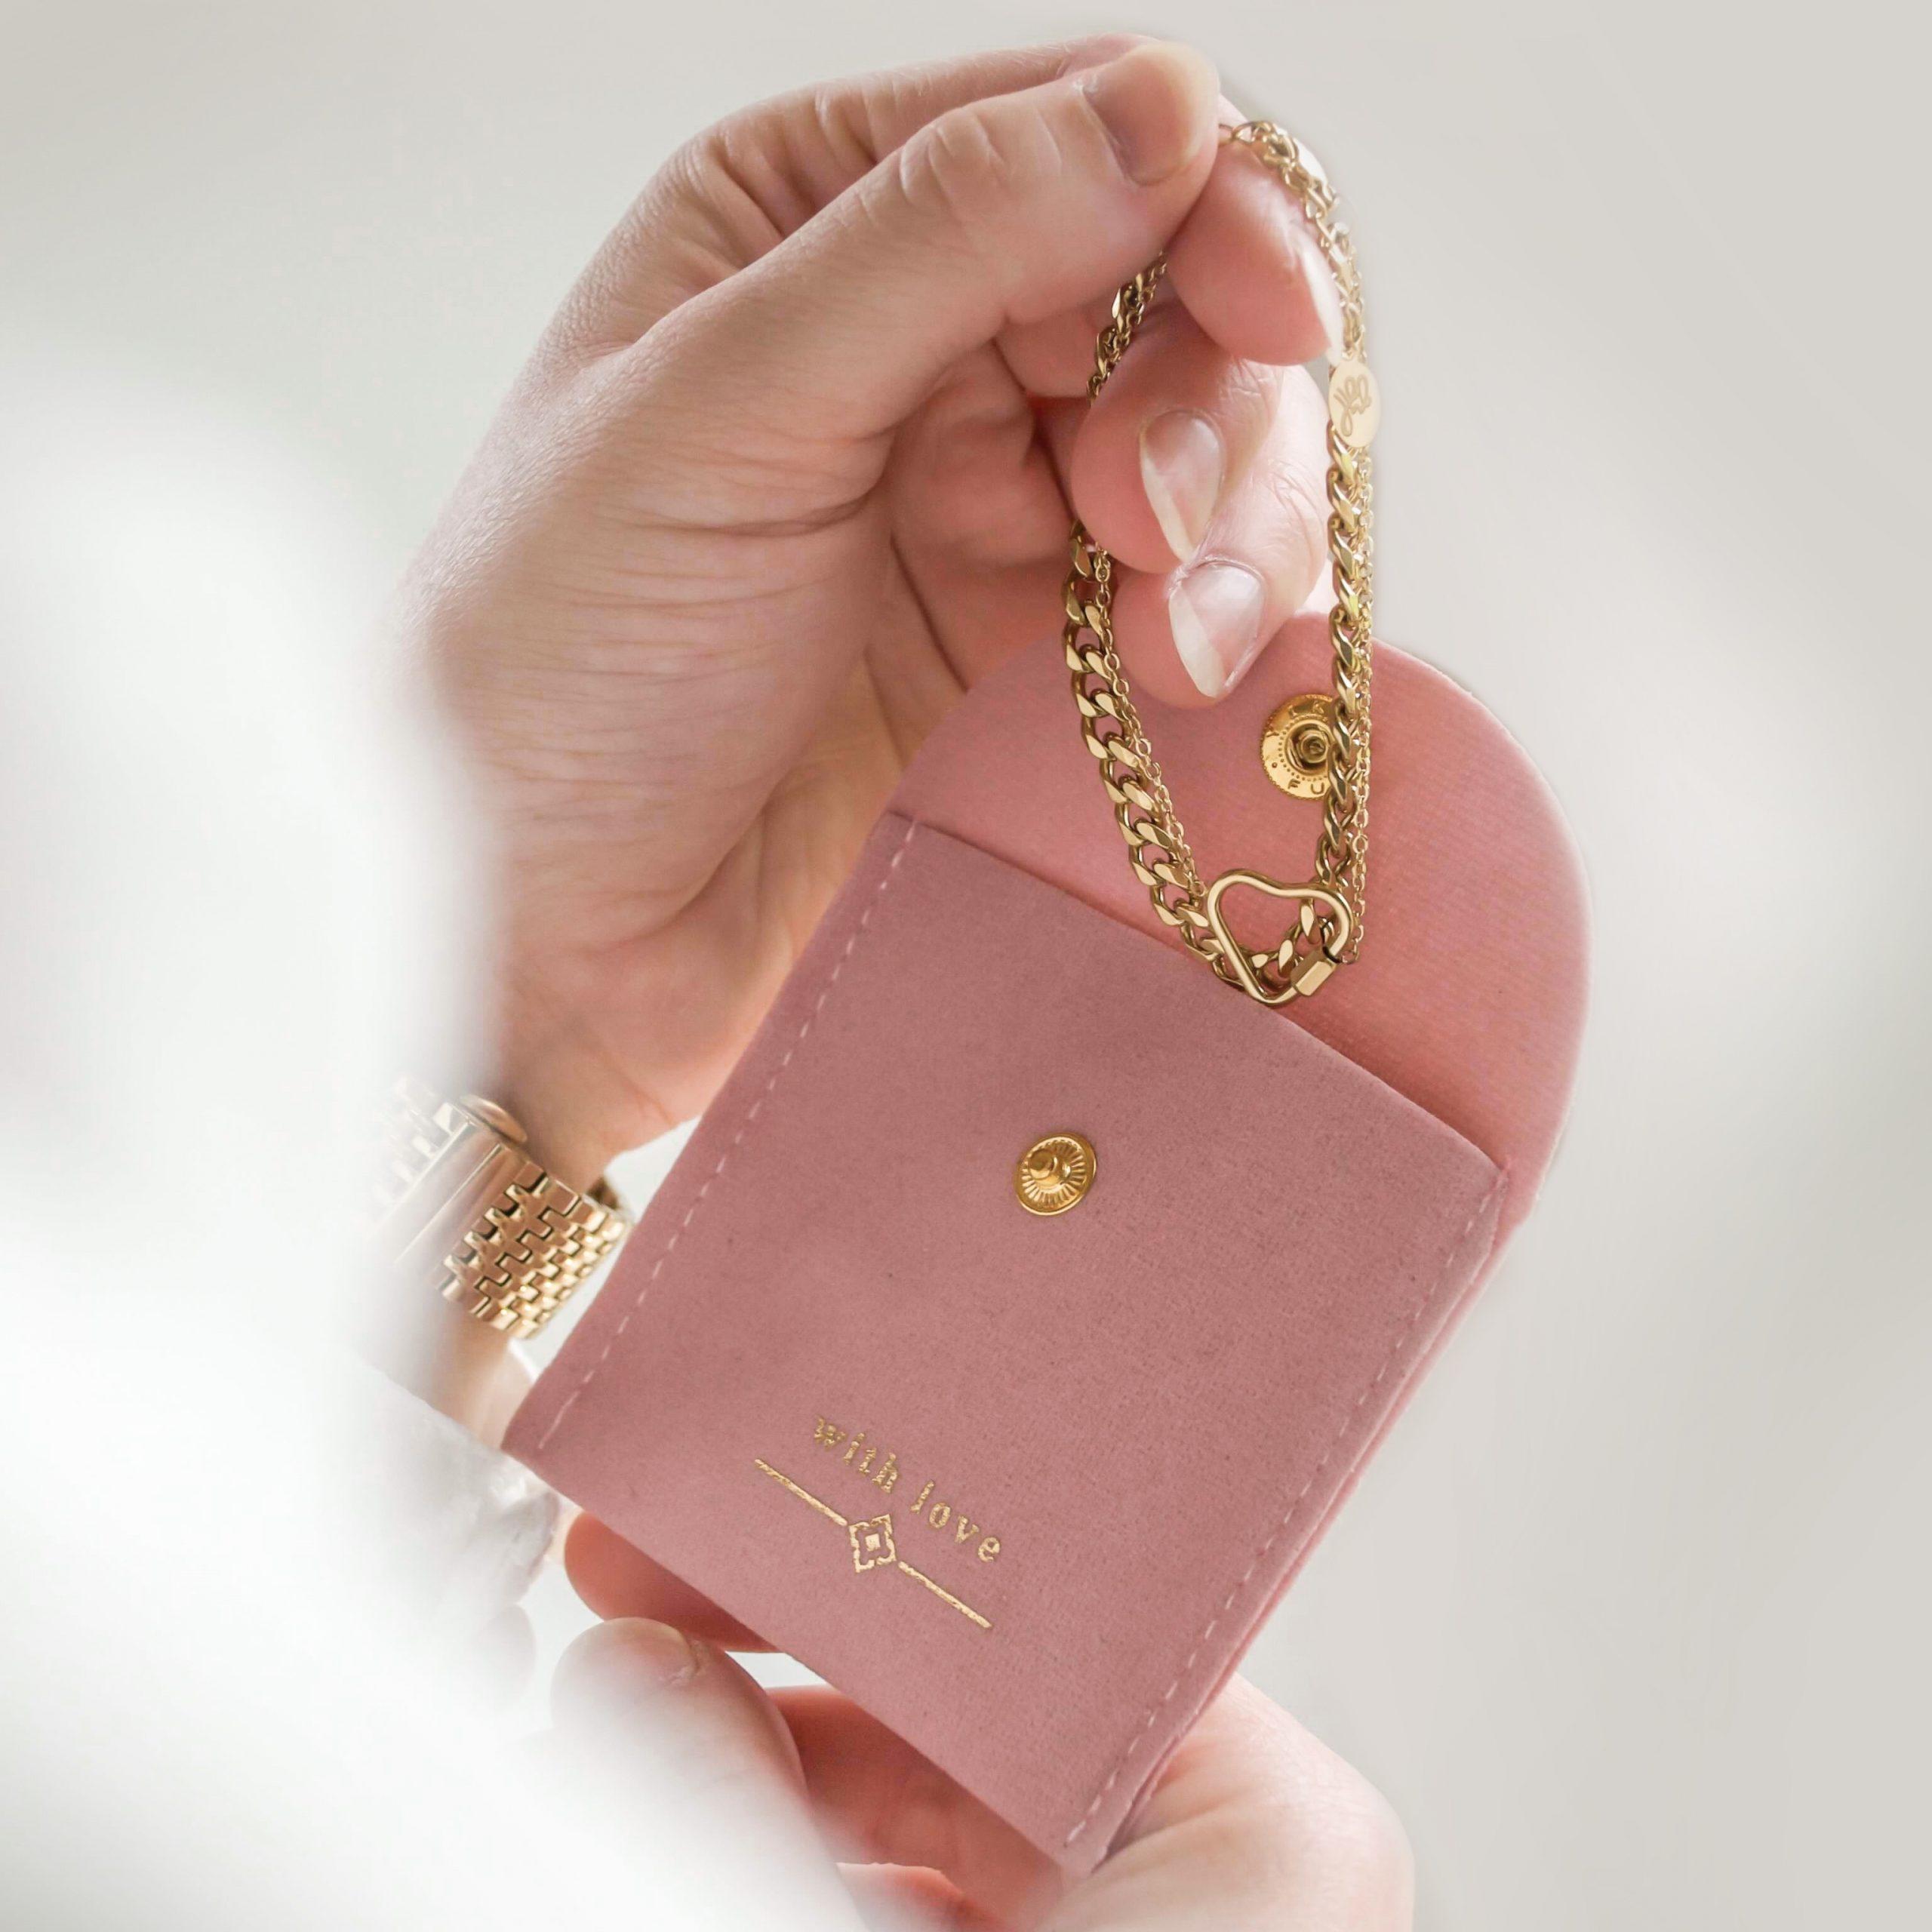 Sieraad zakje 'with love' pink